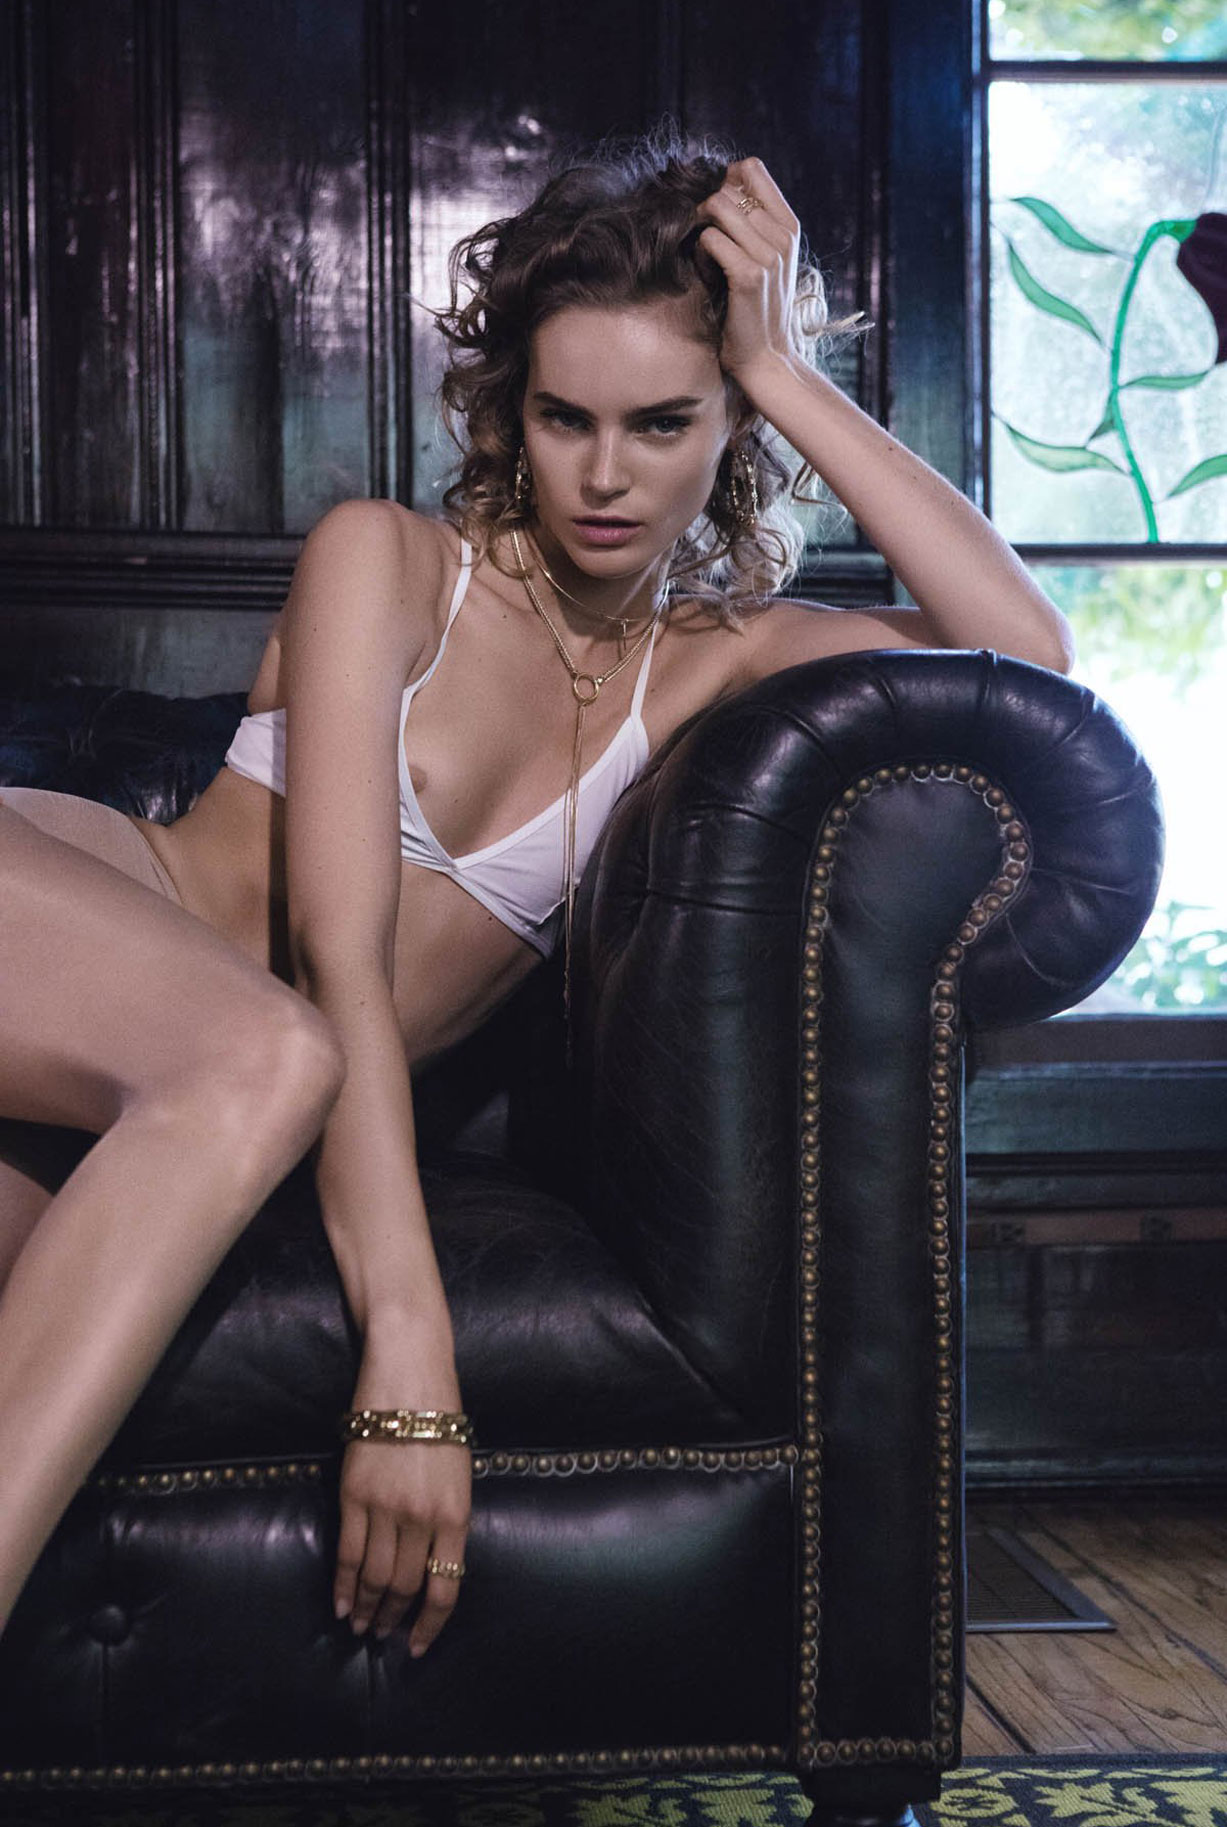 Жужу Иванюк в рекламной кампании одежды и драгоценностей модного бренда Vanessa Mooney / фото 20